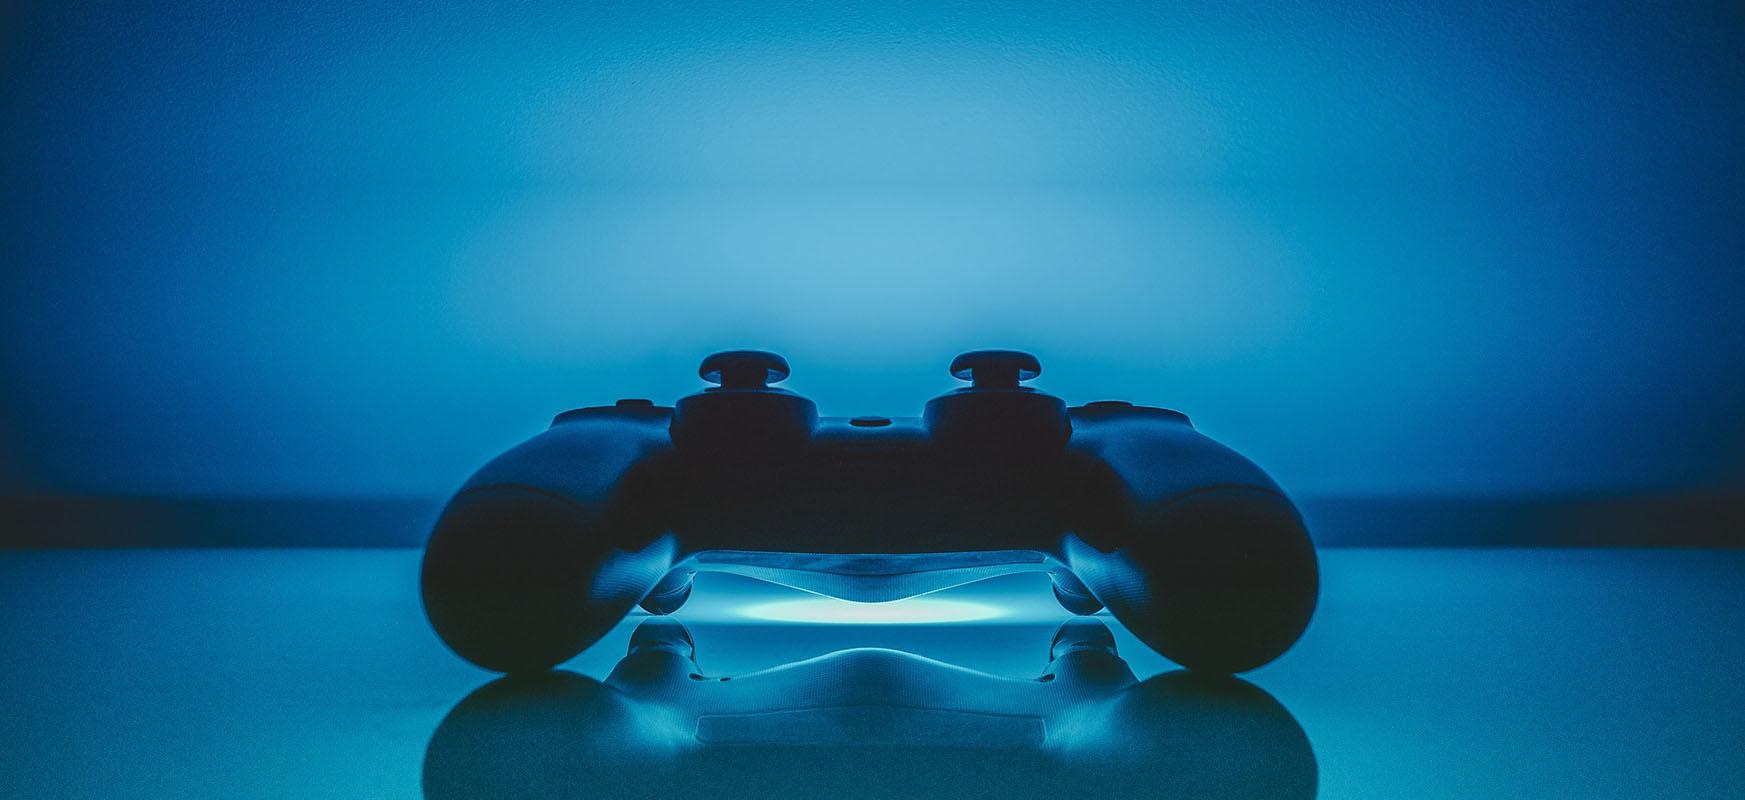 PlayStation poliki-poliki jokoak deskargatzen ari da, Sony-k koronavirusen aurkako borrokan laguntzen baitu